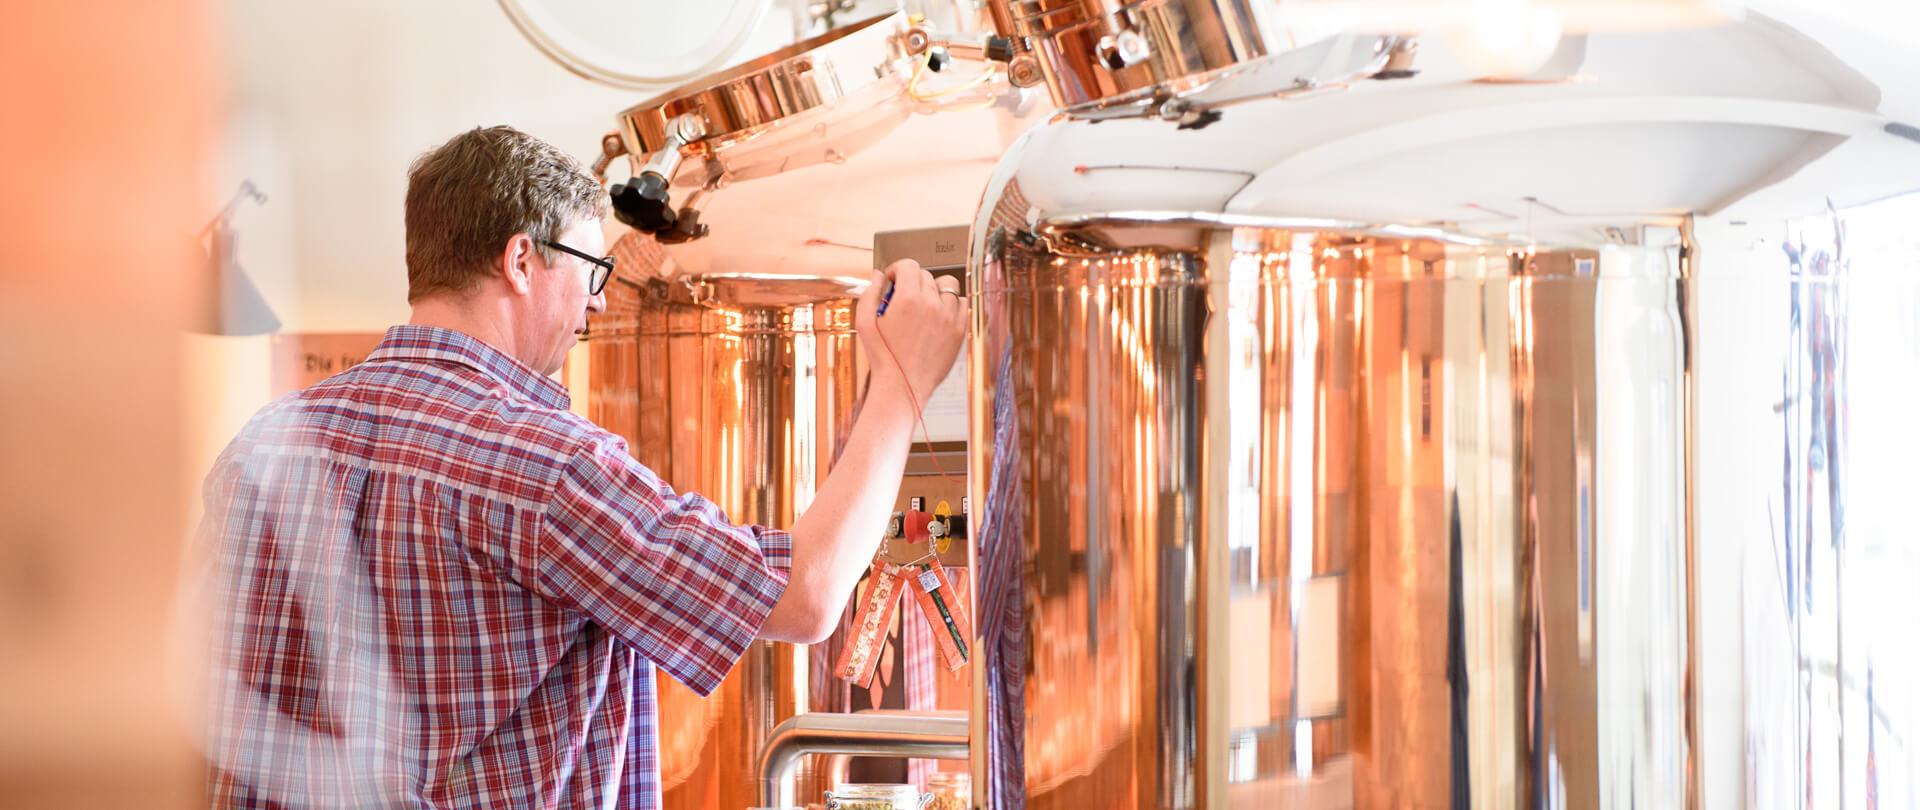 Bier-Brauerei Garmischer Brauprozess Mann an Brauanlage